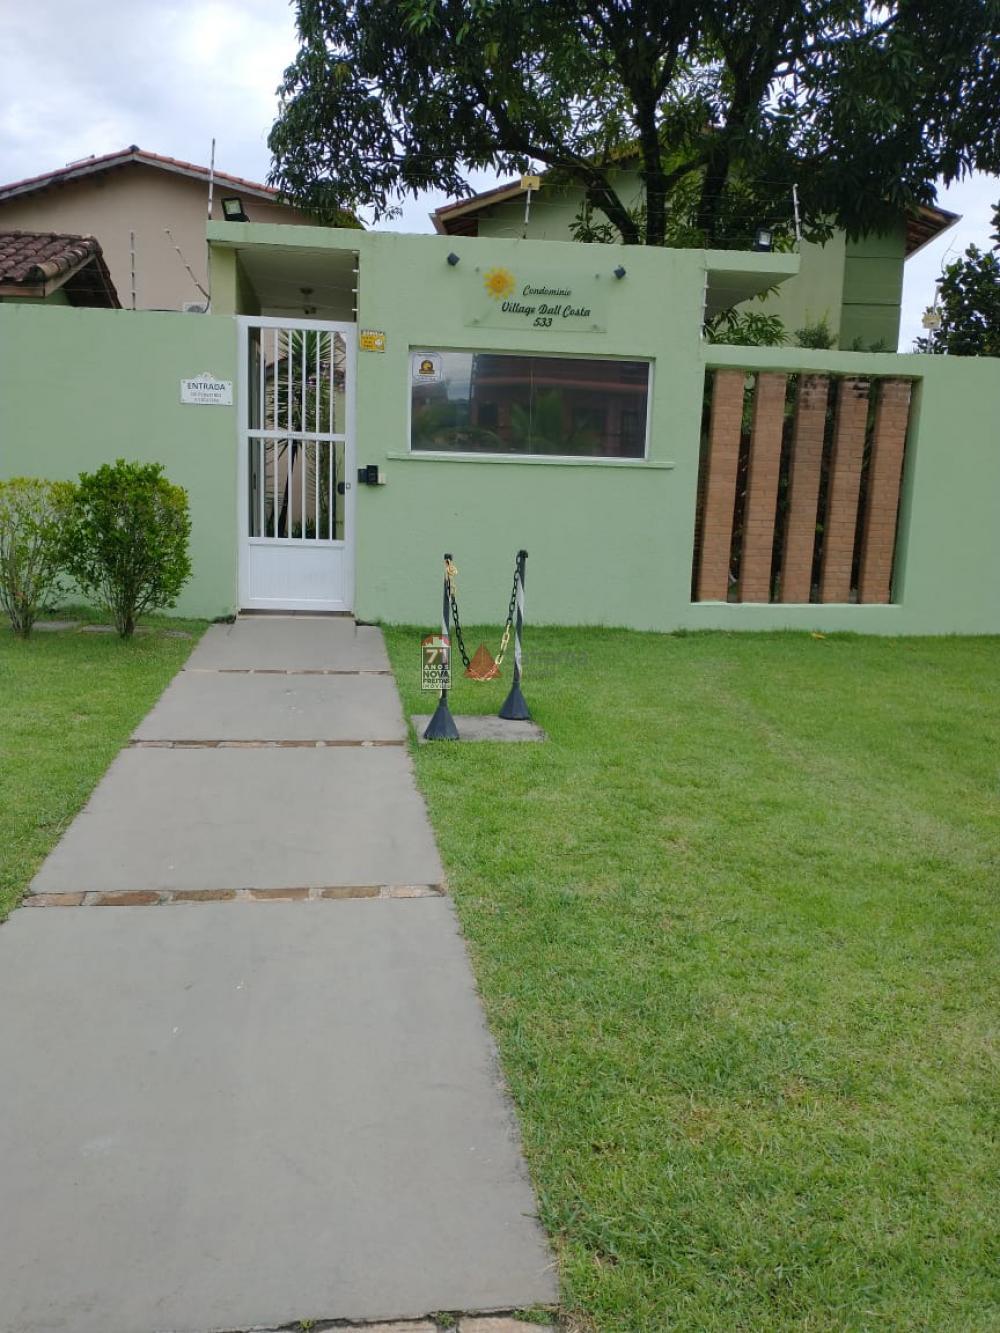 Comprar Casa / Condomínio em Caraguatatuba apenas R$ 340.000,00 - Foto 4